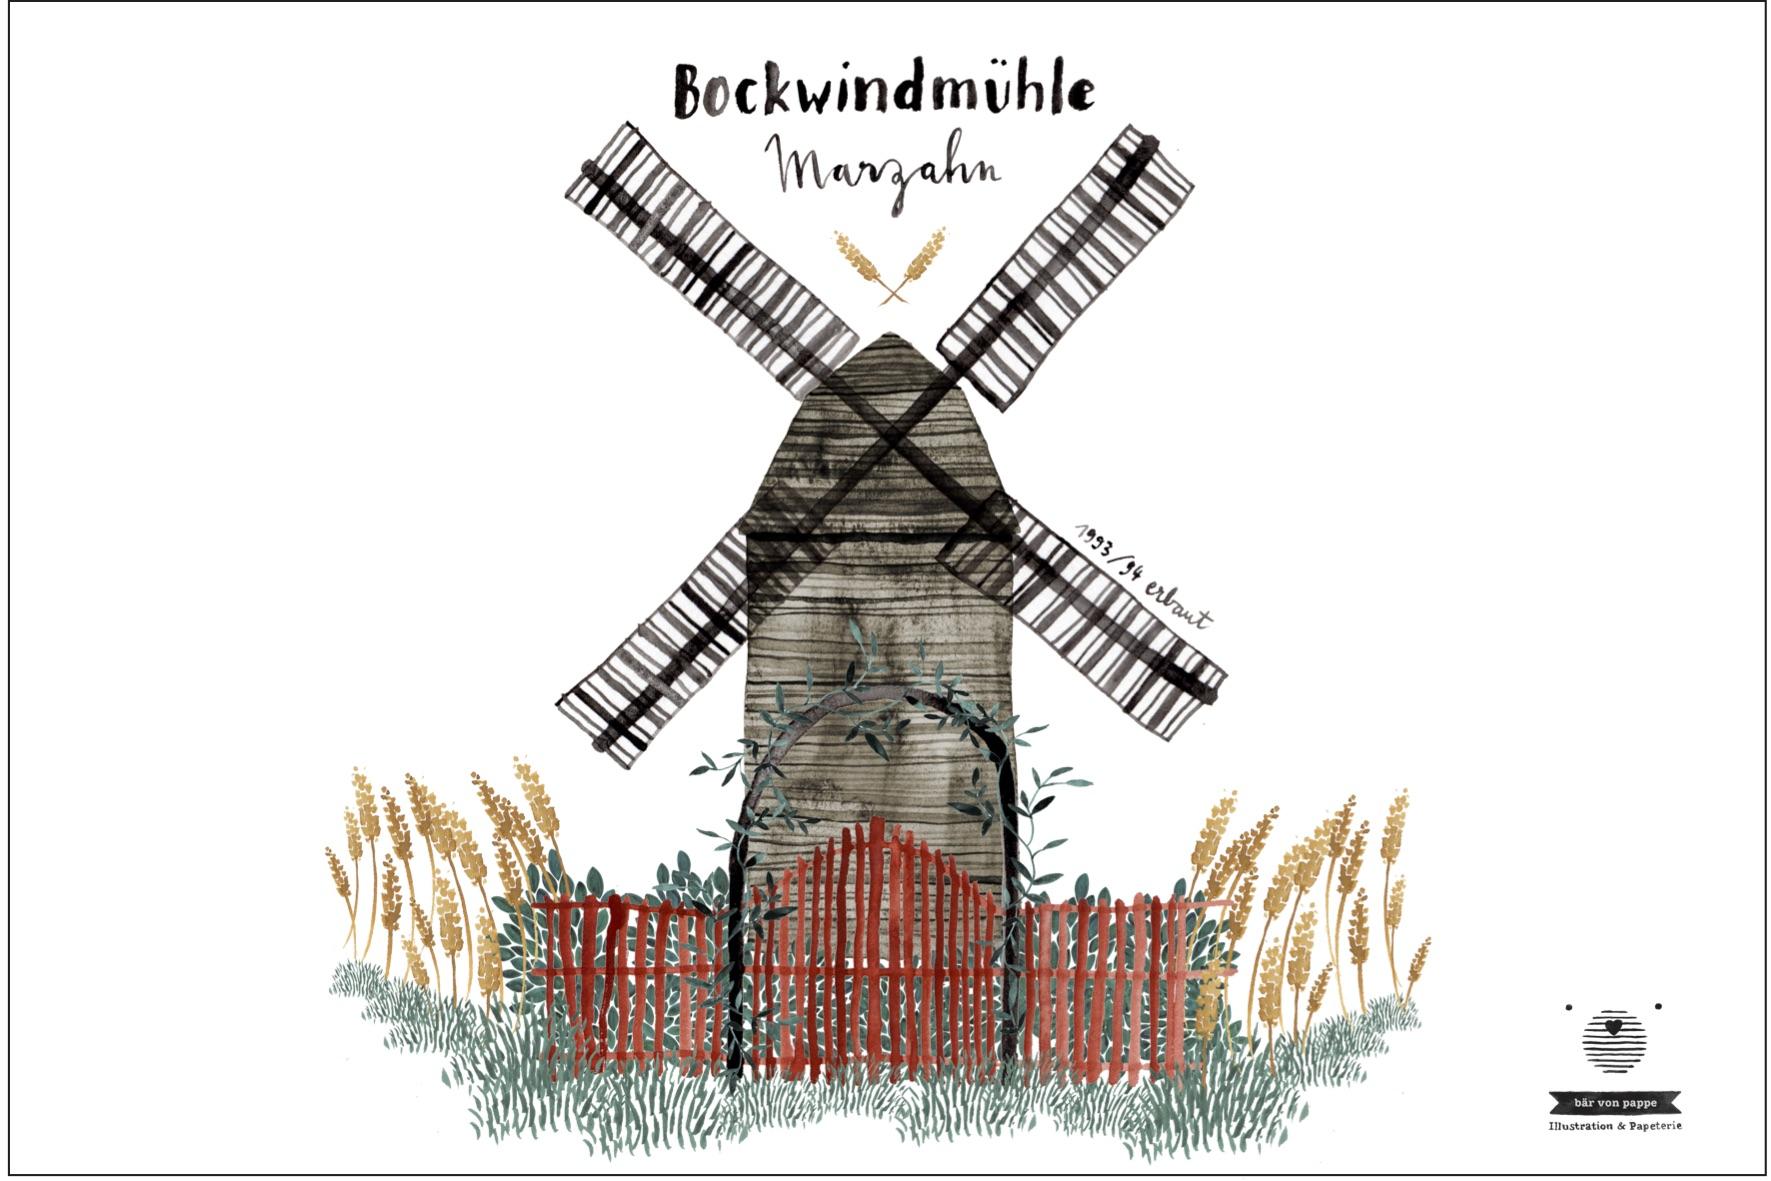 Die Bockwindmühle Marzahn, illustriert von Jenny Boidol (bär von pappe)